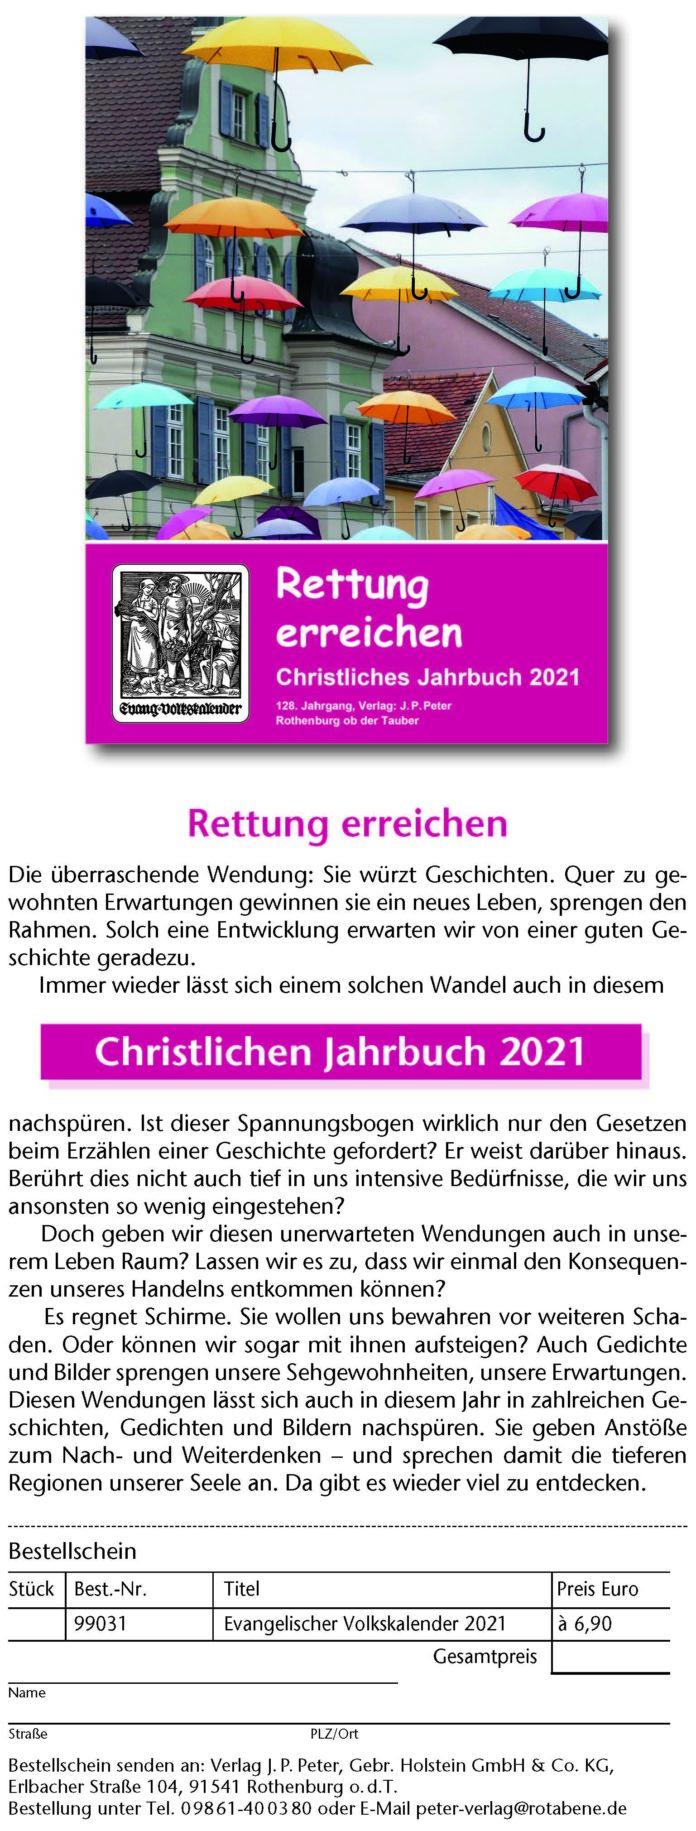 Christliches Jahrbuch 2021